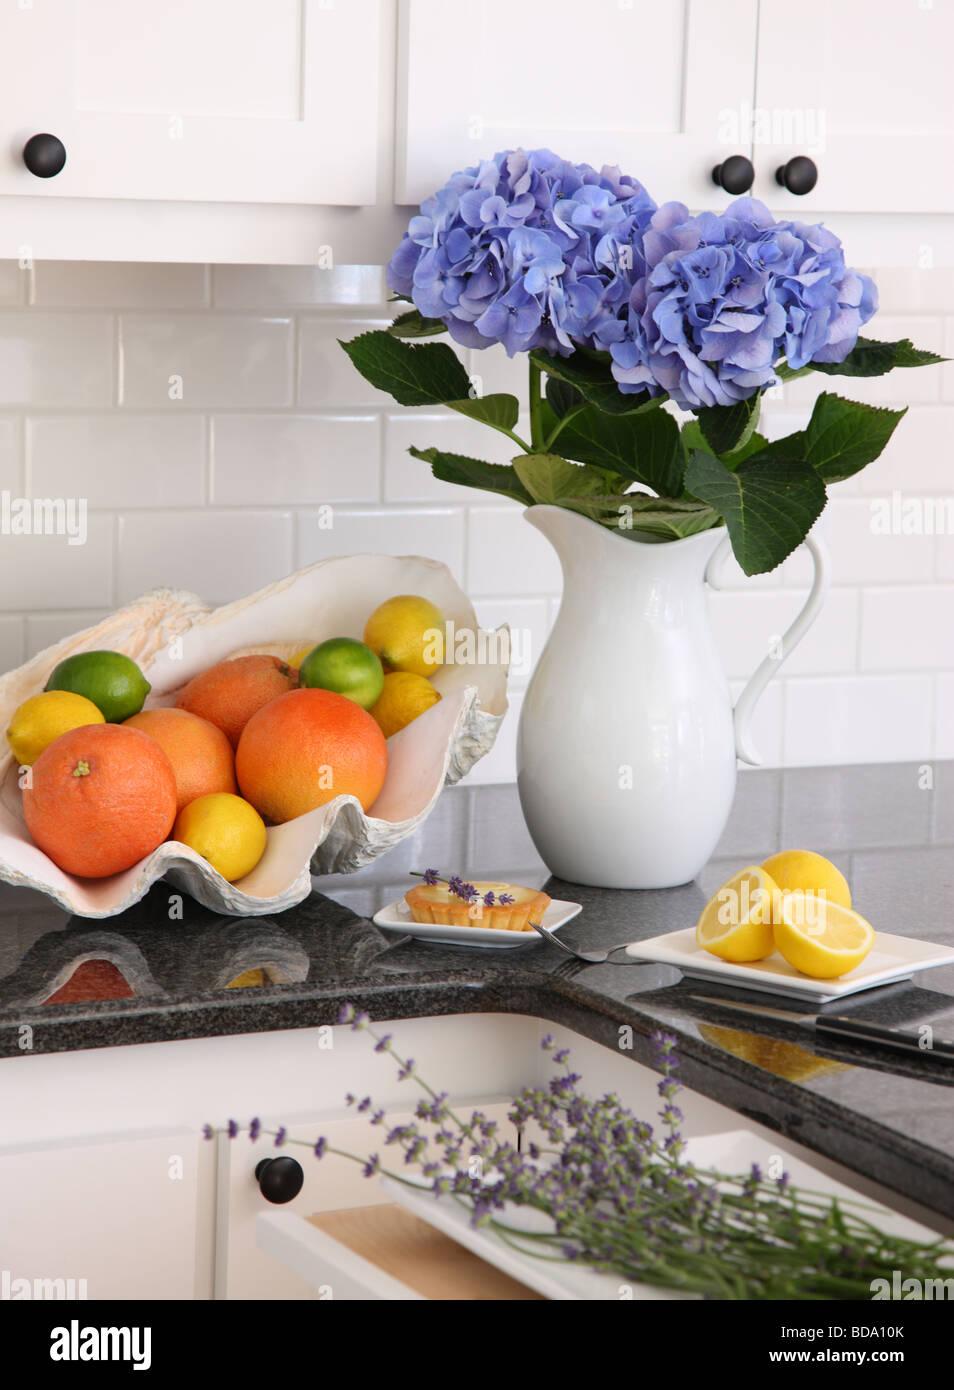 Cuisine Nature morte avec fruits et fleurs d'agrumes Photo Stock